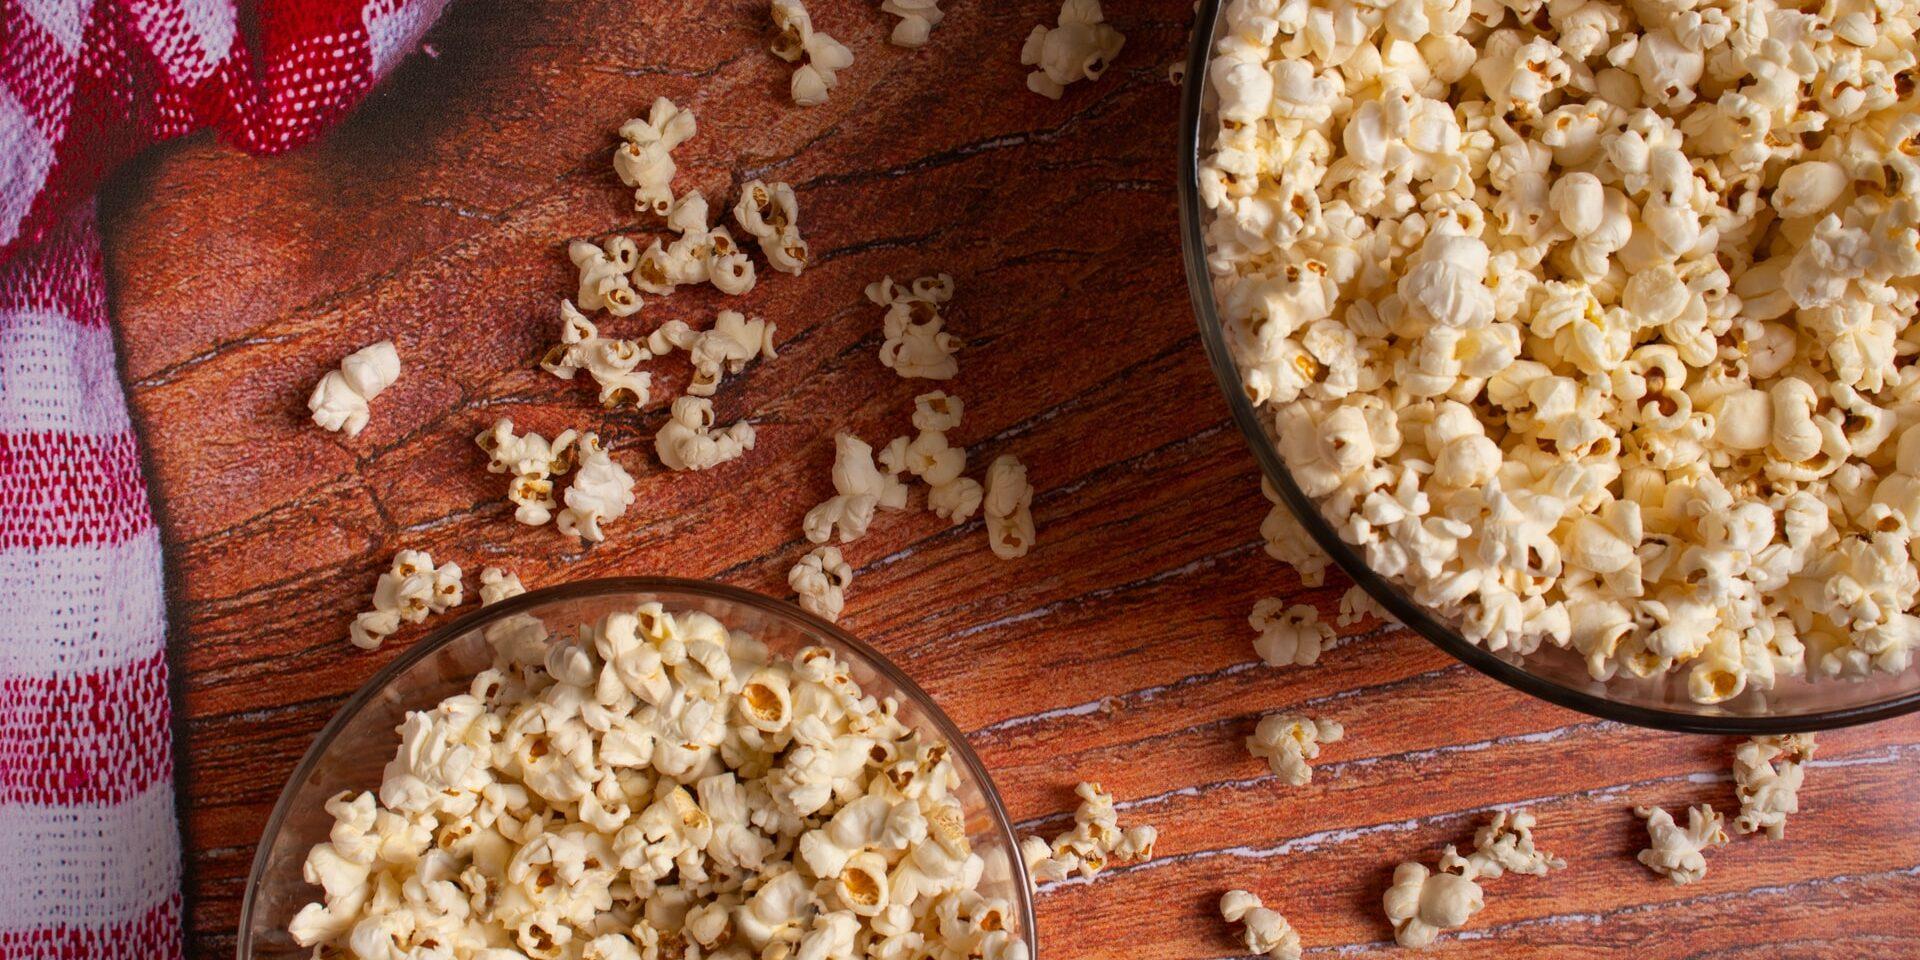 Popcornia kahdessa kulhossa ja pöydällä